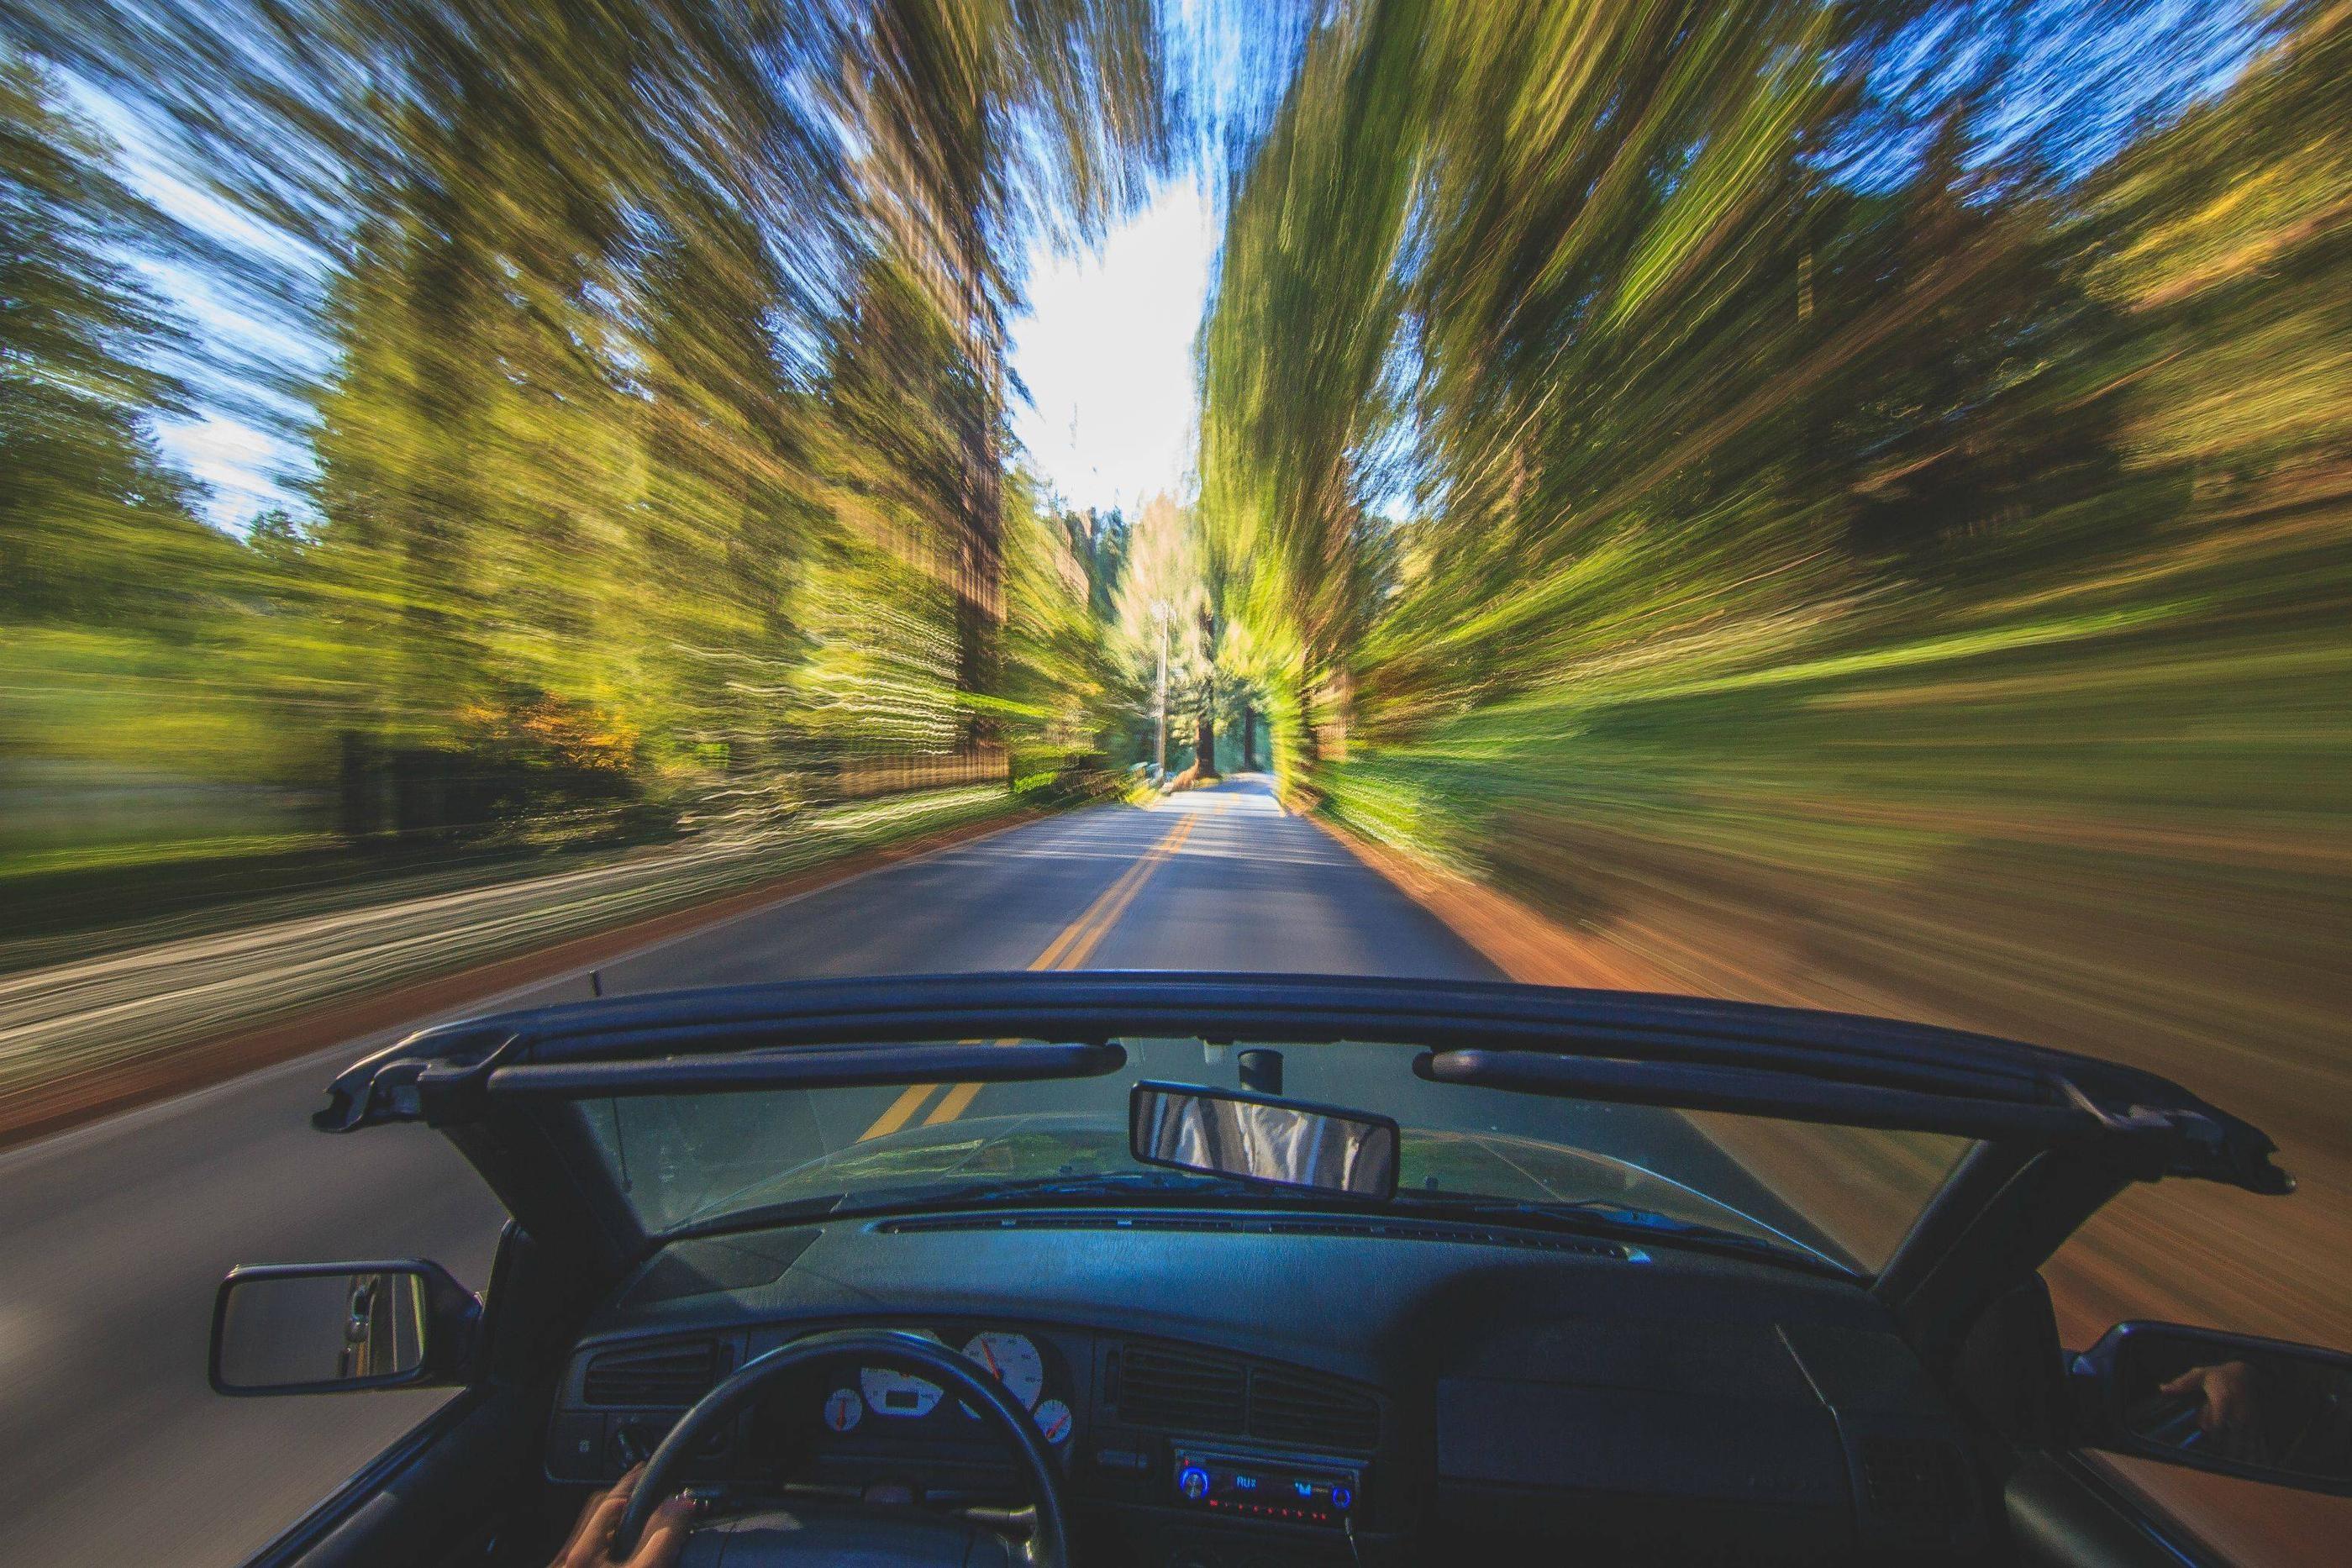 Картинки с движением машин